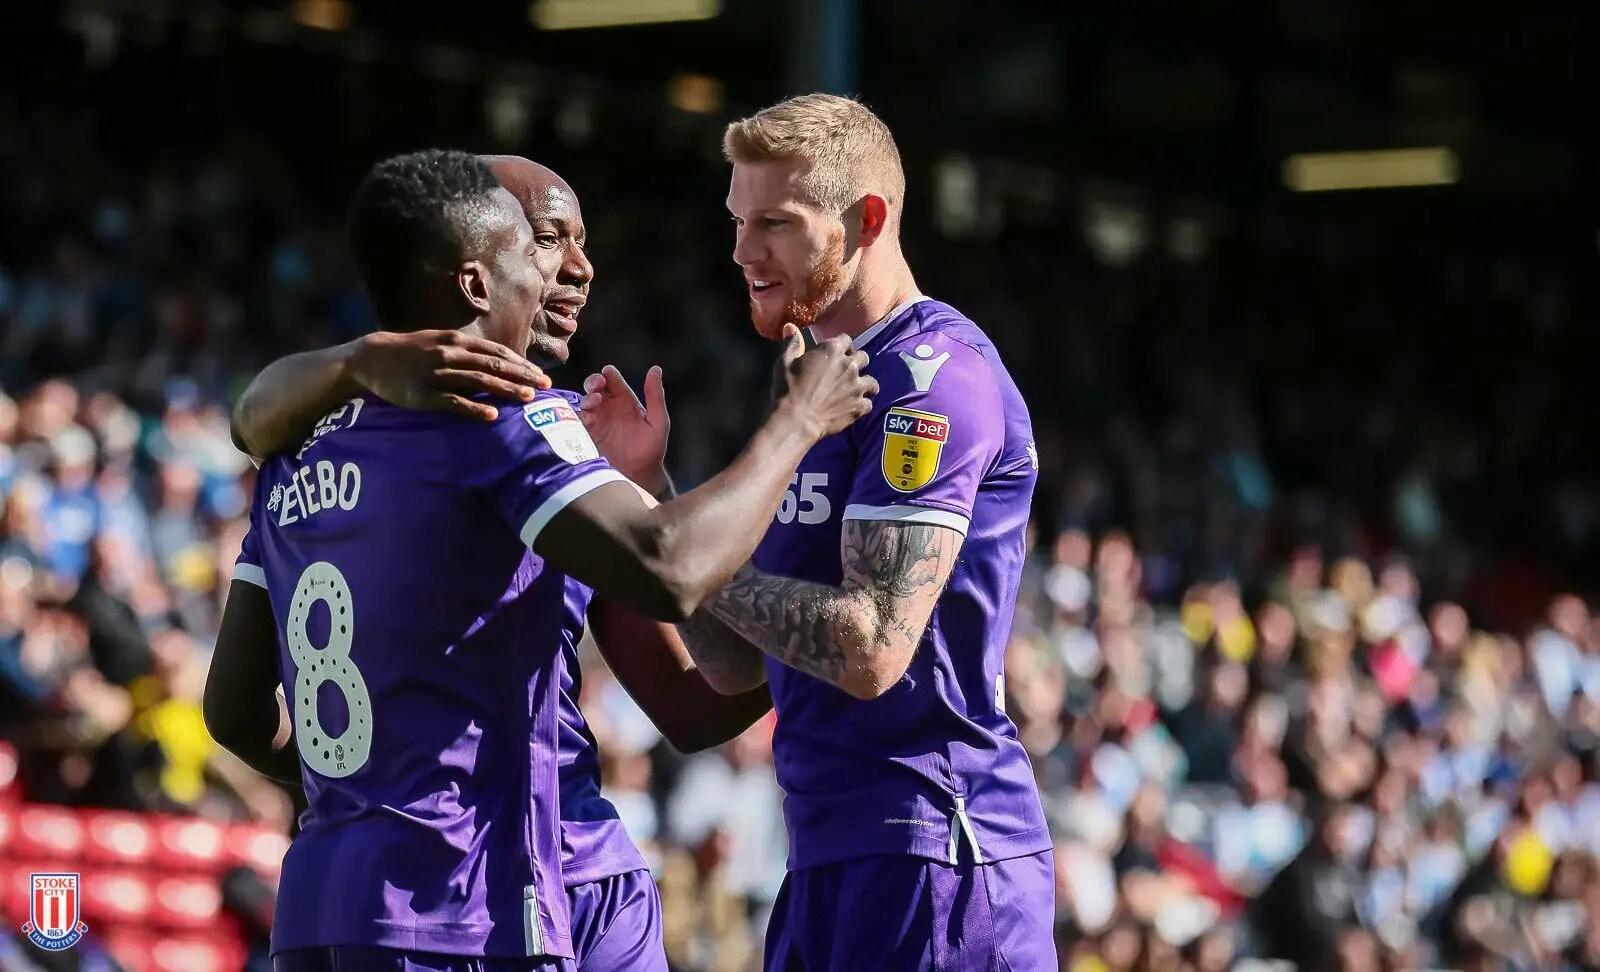 Etebo Thrilled To Score Winning Goal For Stoke City In Away Win Vs Blackburn Rovers